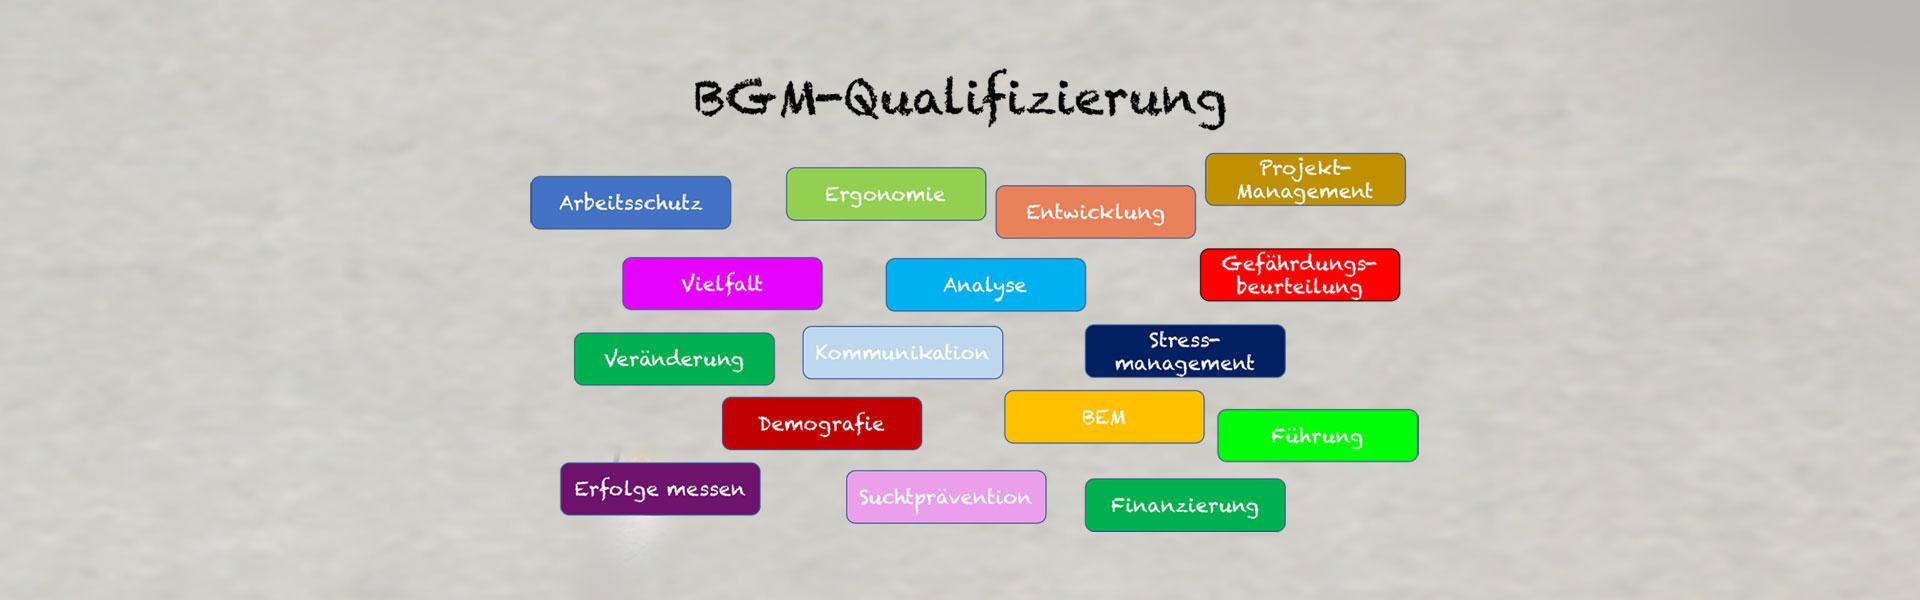 sl-qualifizierung2